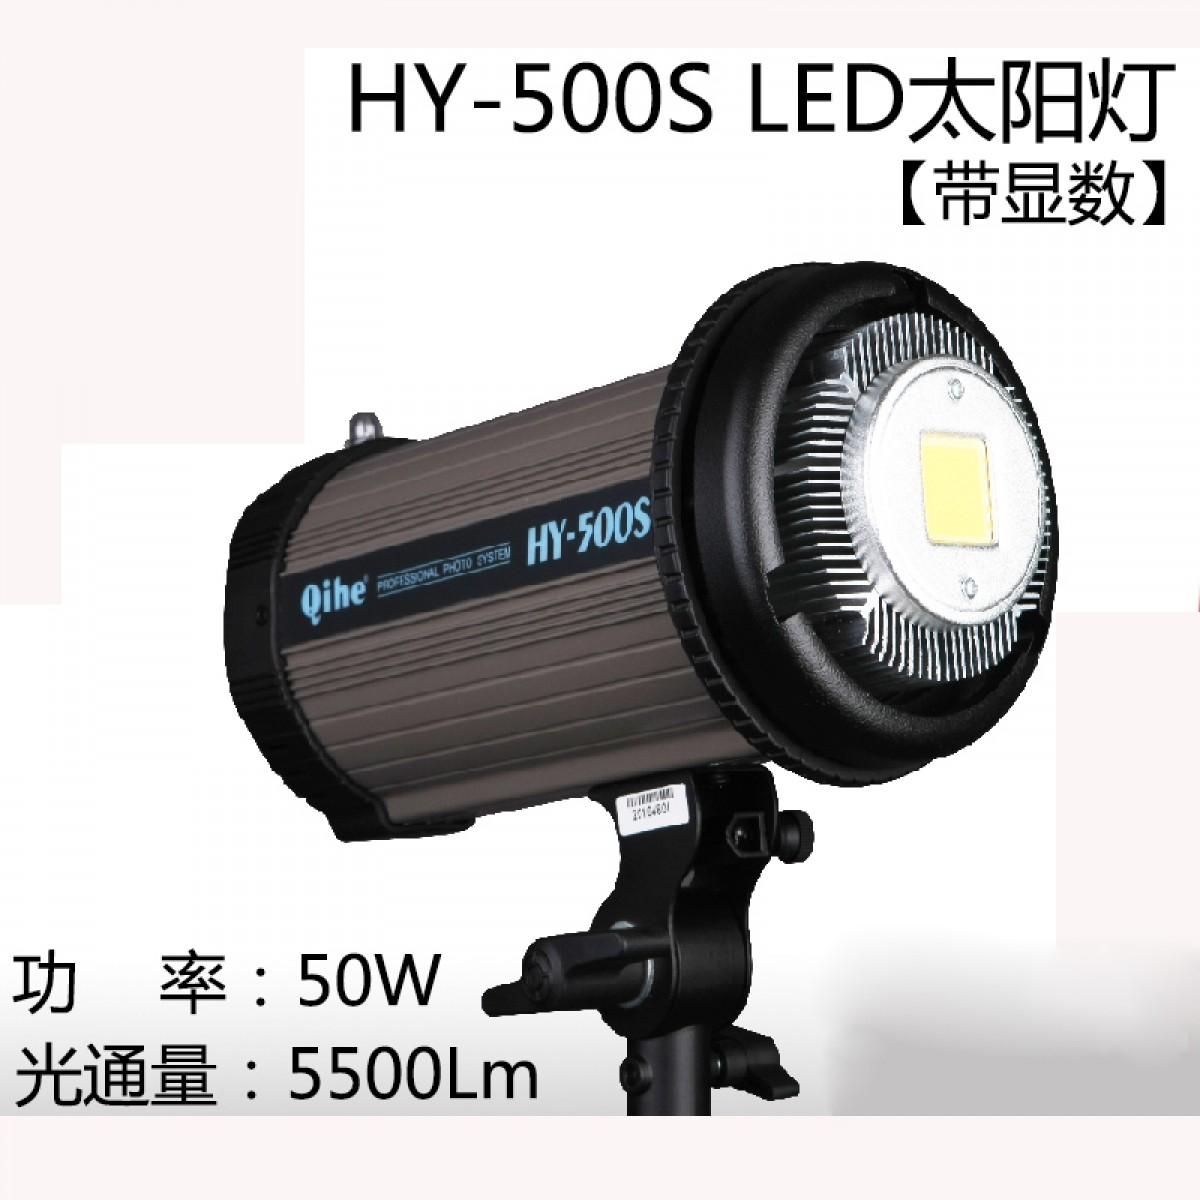 Qihe起鹤牌HY-500S LED 太阳灯